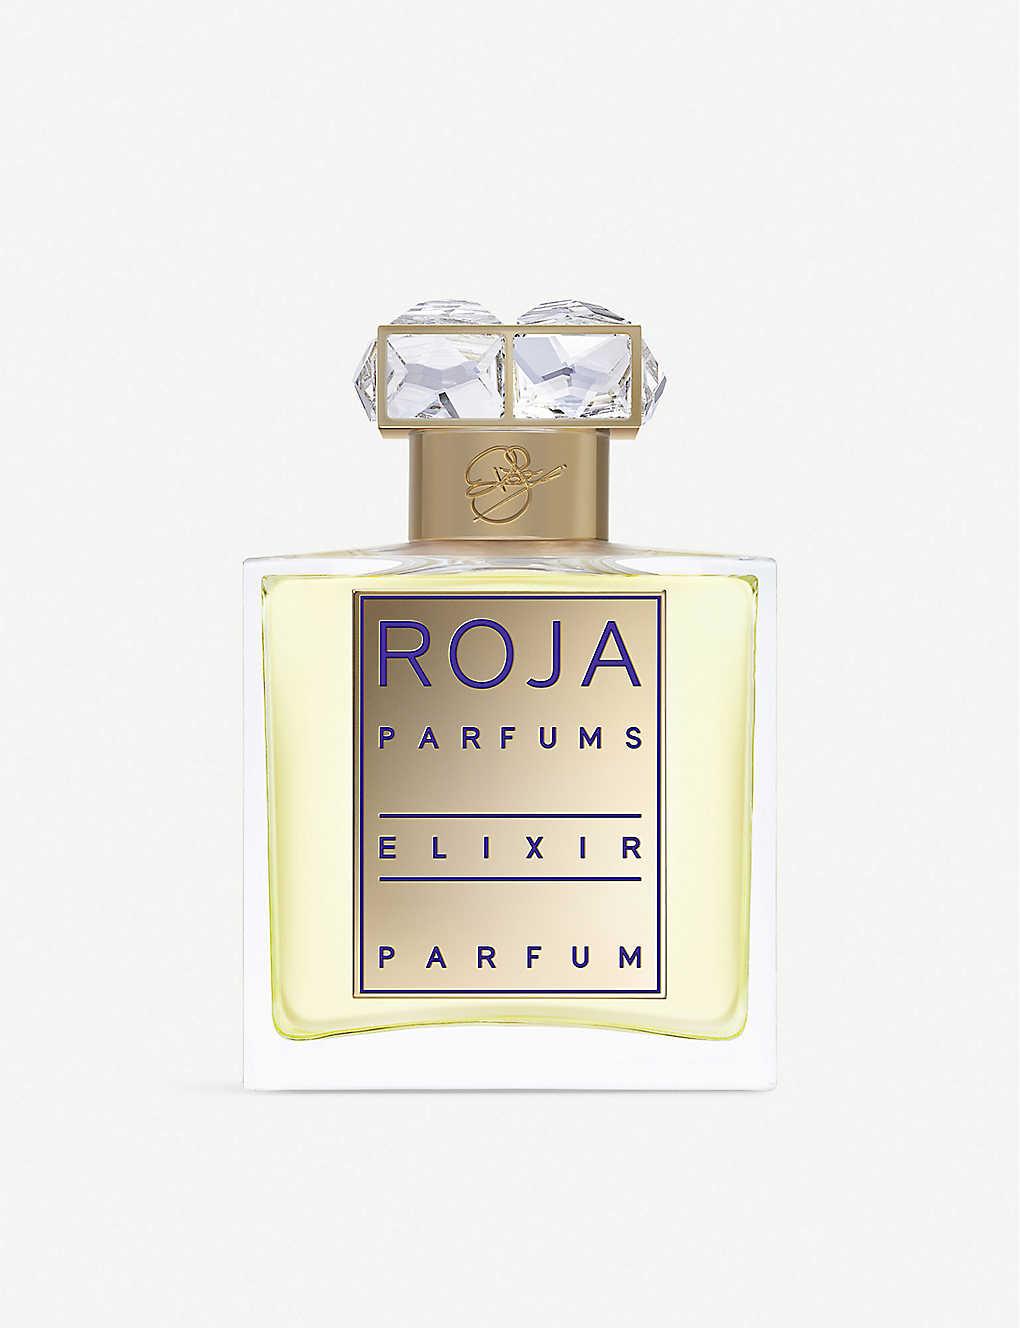 Roja Parfums Elixir Parfum Pour Femme 50ml Selfridgescom